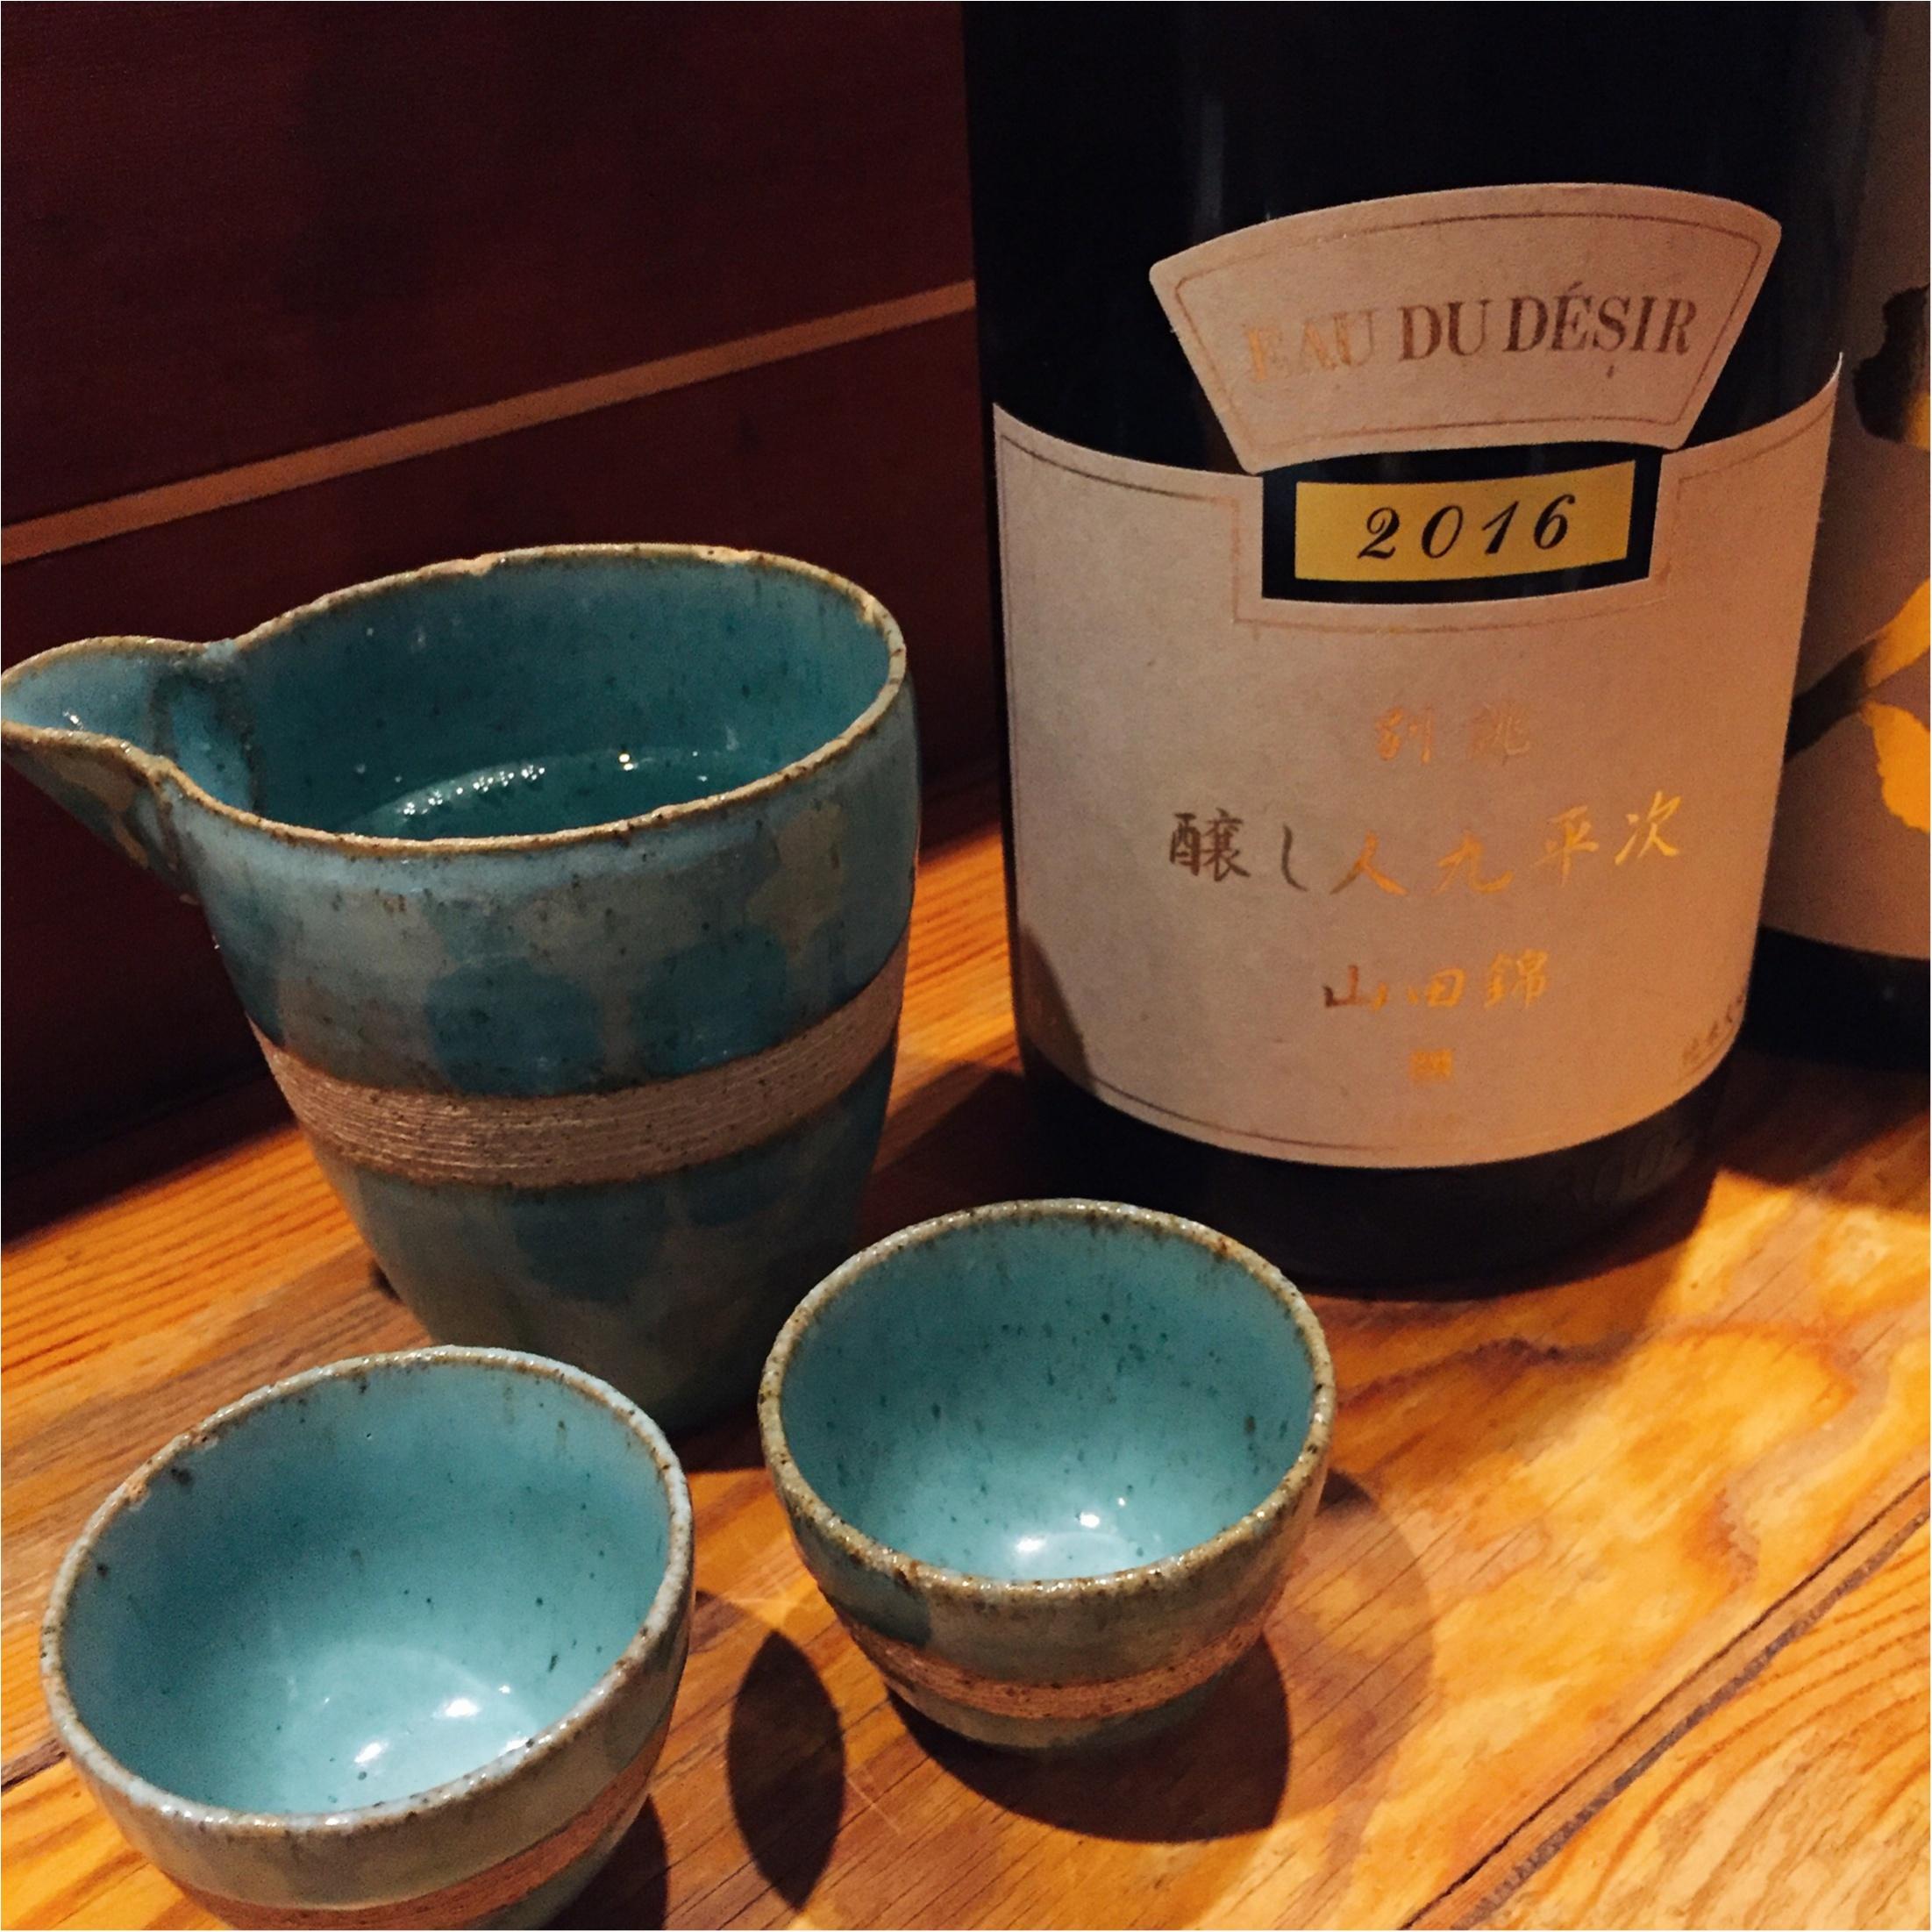 【恵比寿】そば・しゃぶしゃぶ・日本酒を楽しむなら『まにん』✨黒豚つけ麺そばが絶品〜♡_9_1